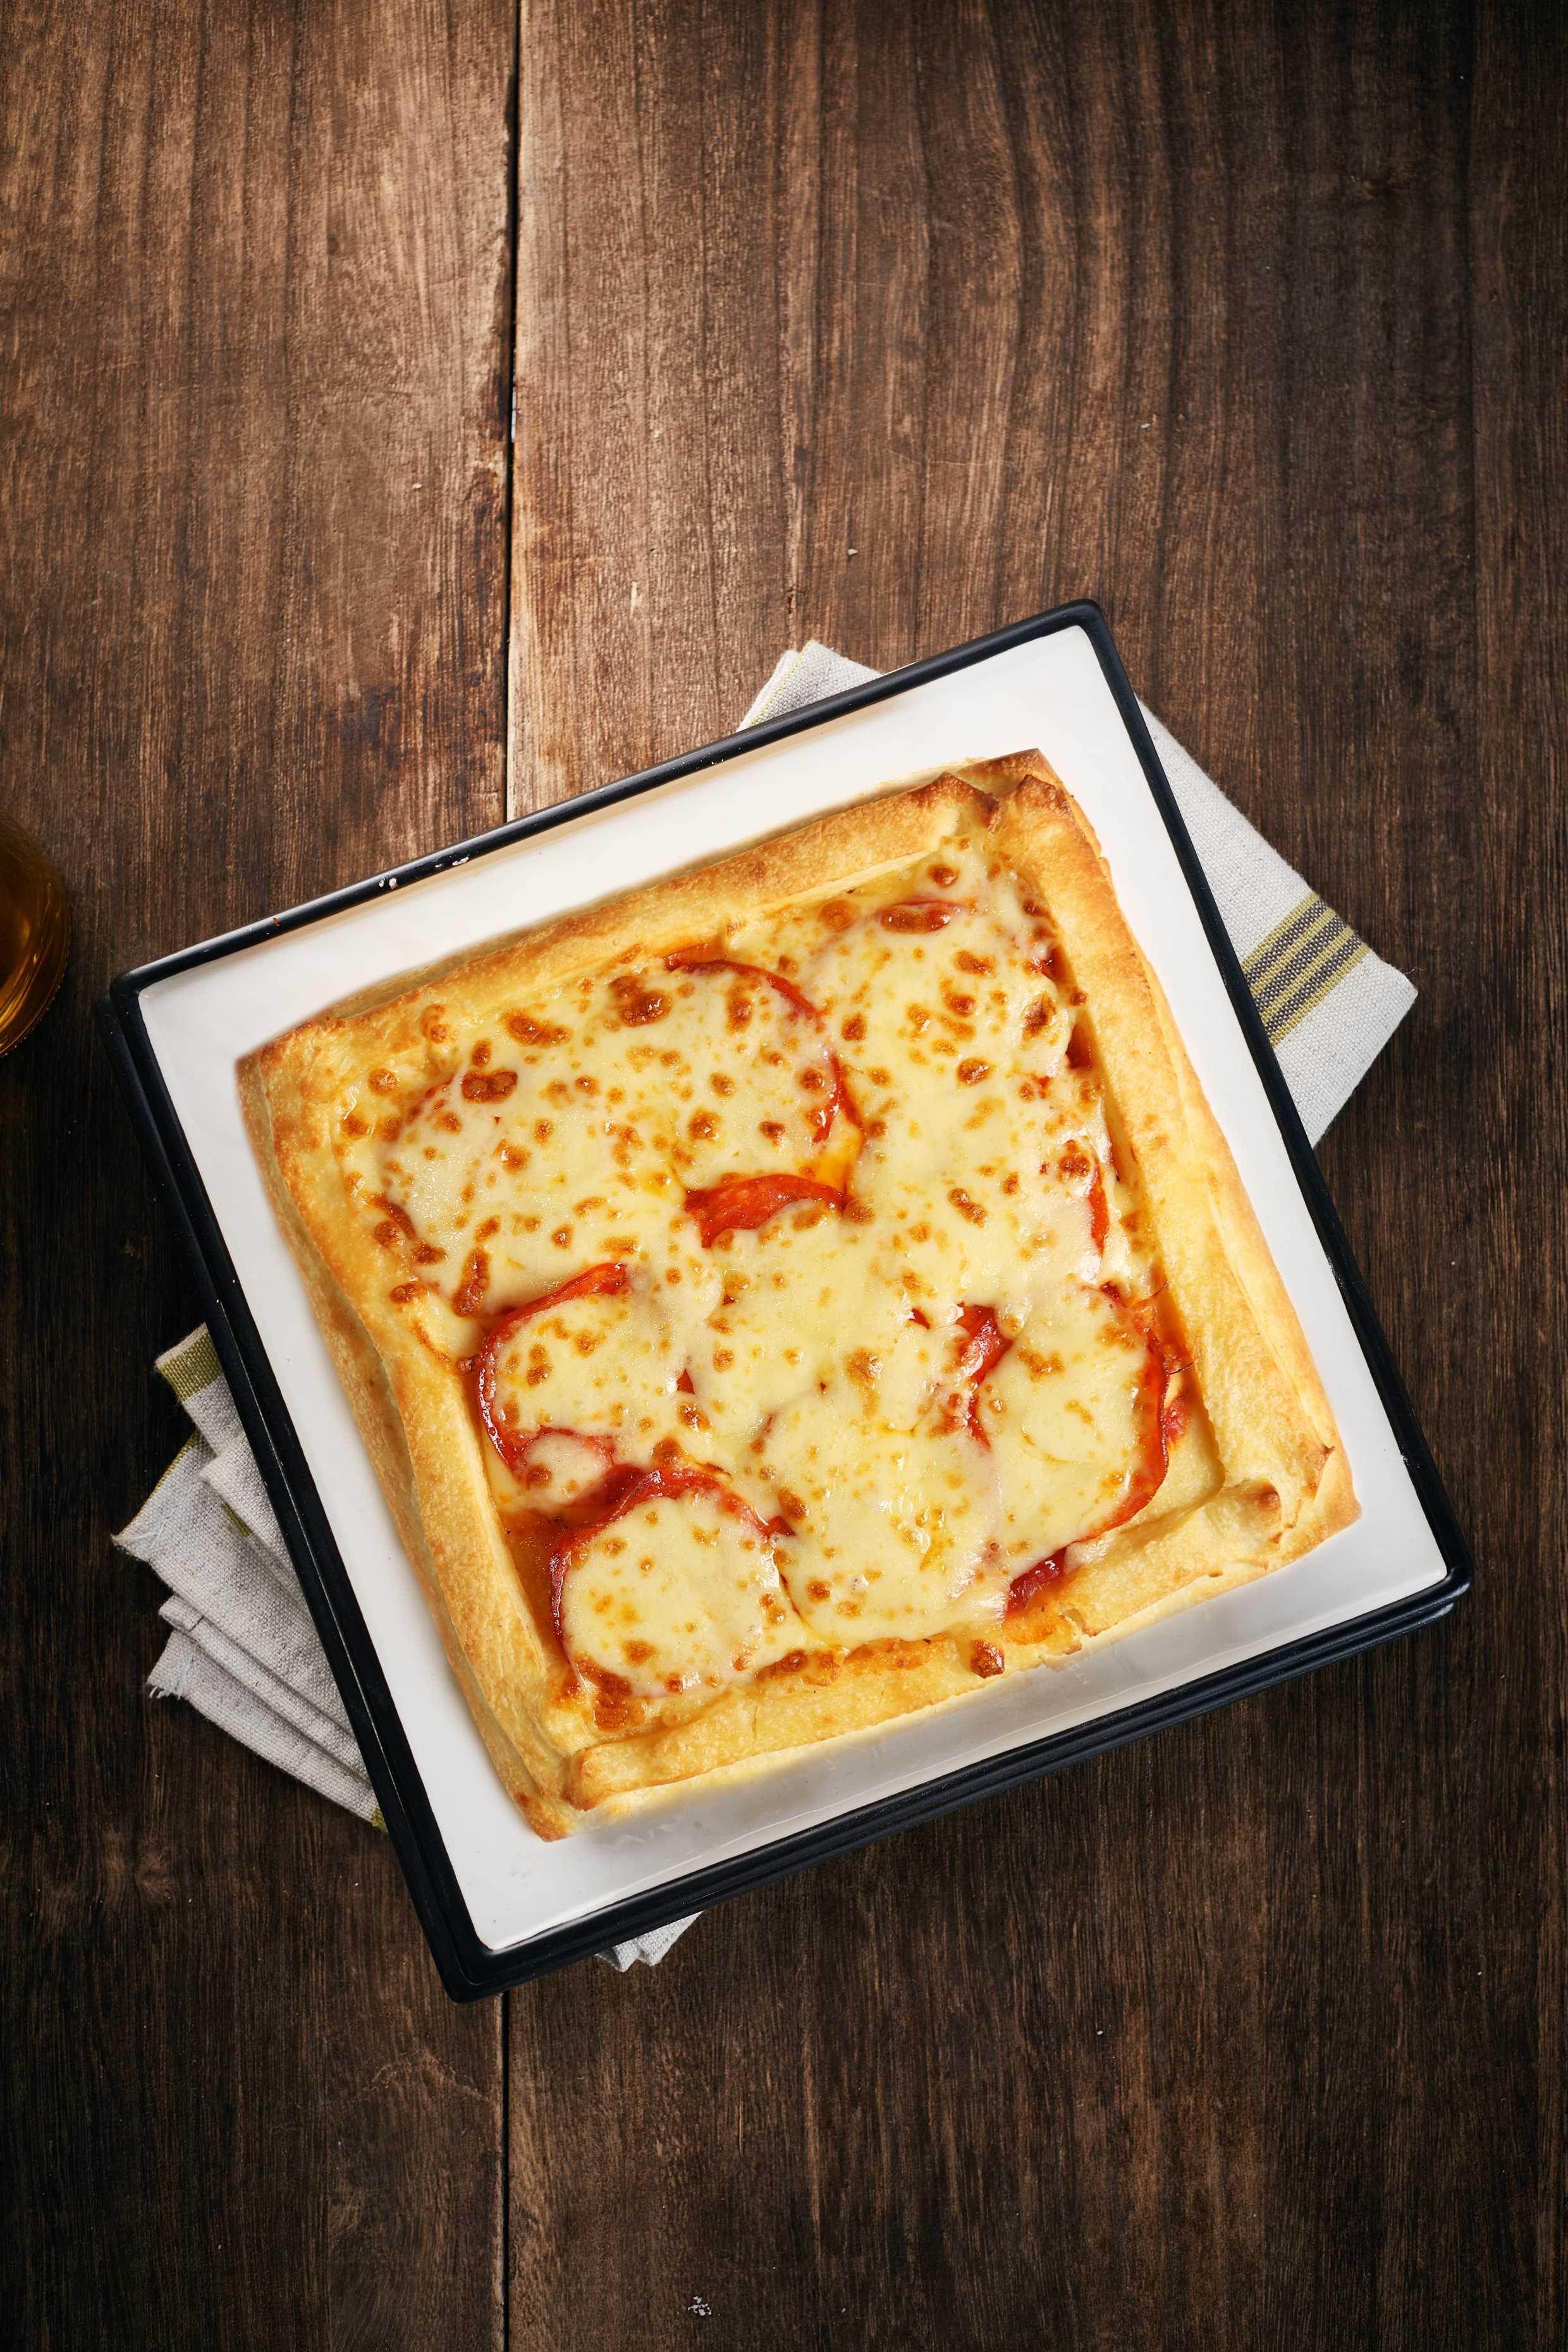 意大利香肠比萨--副本